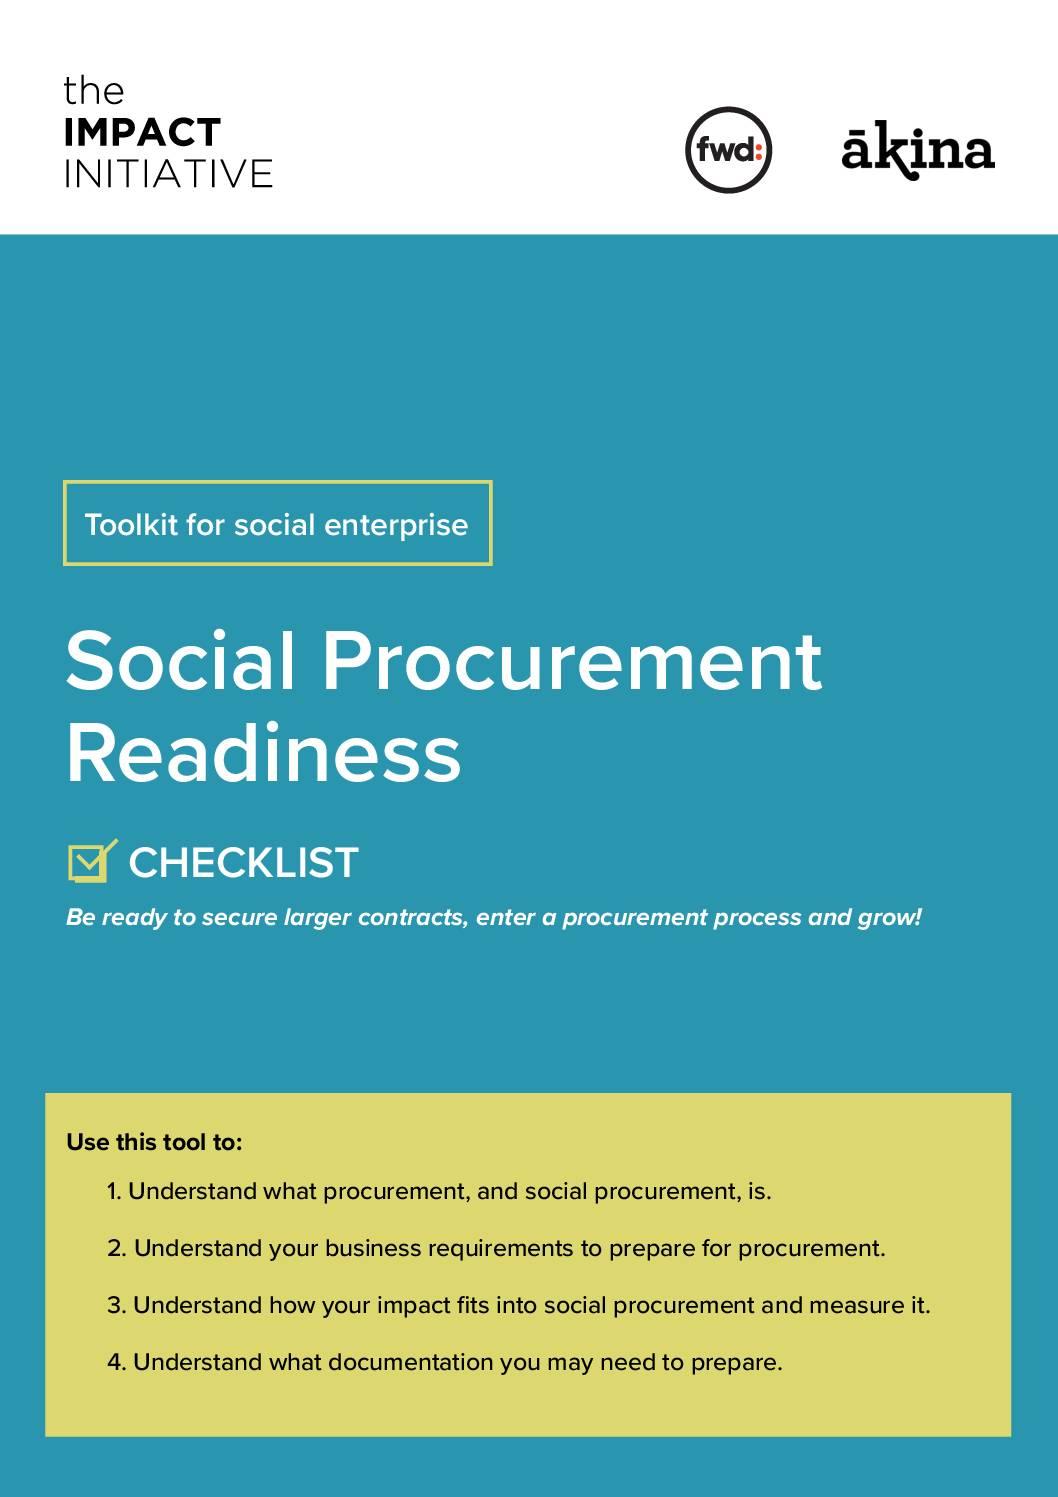 Social Procurement Readiness Checklist for Social Enterprises